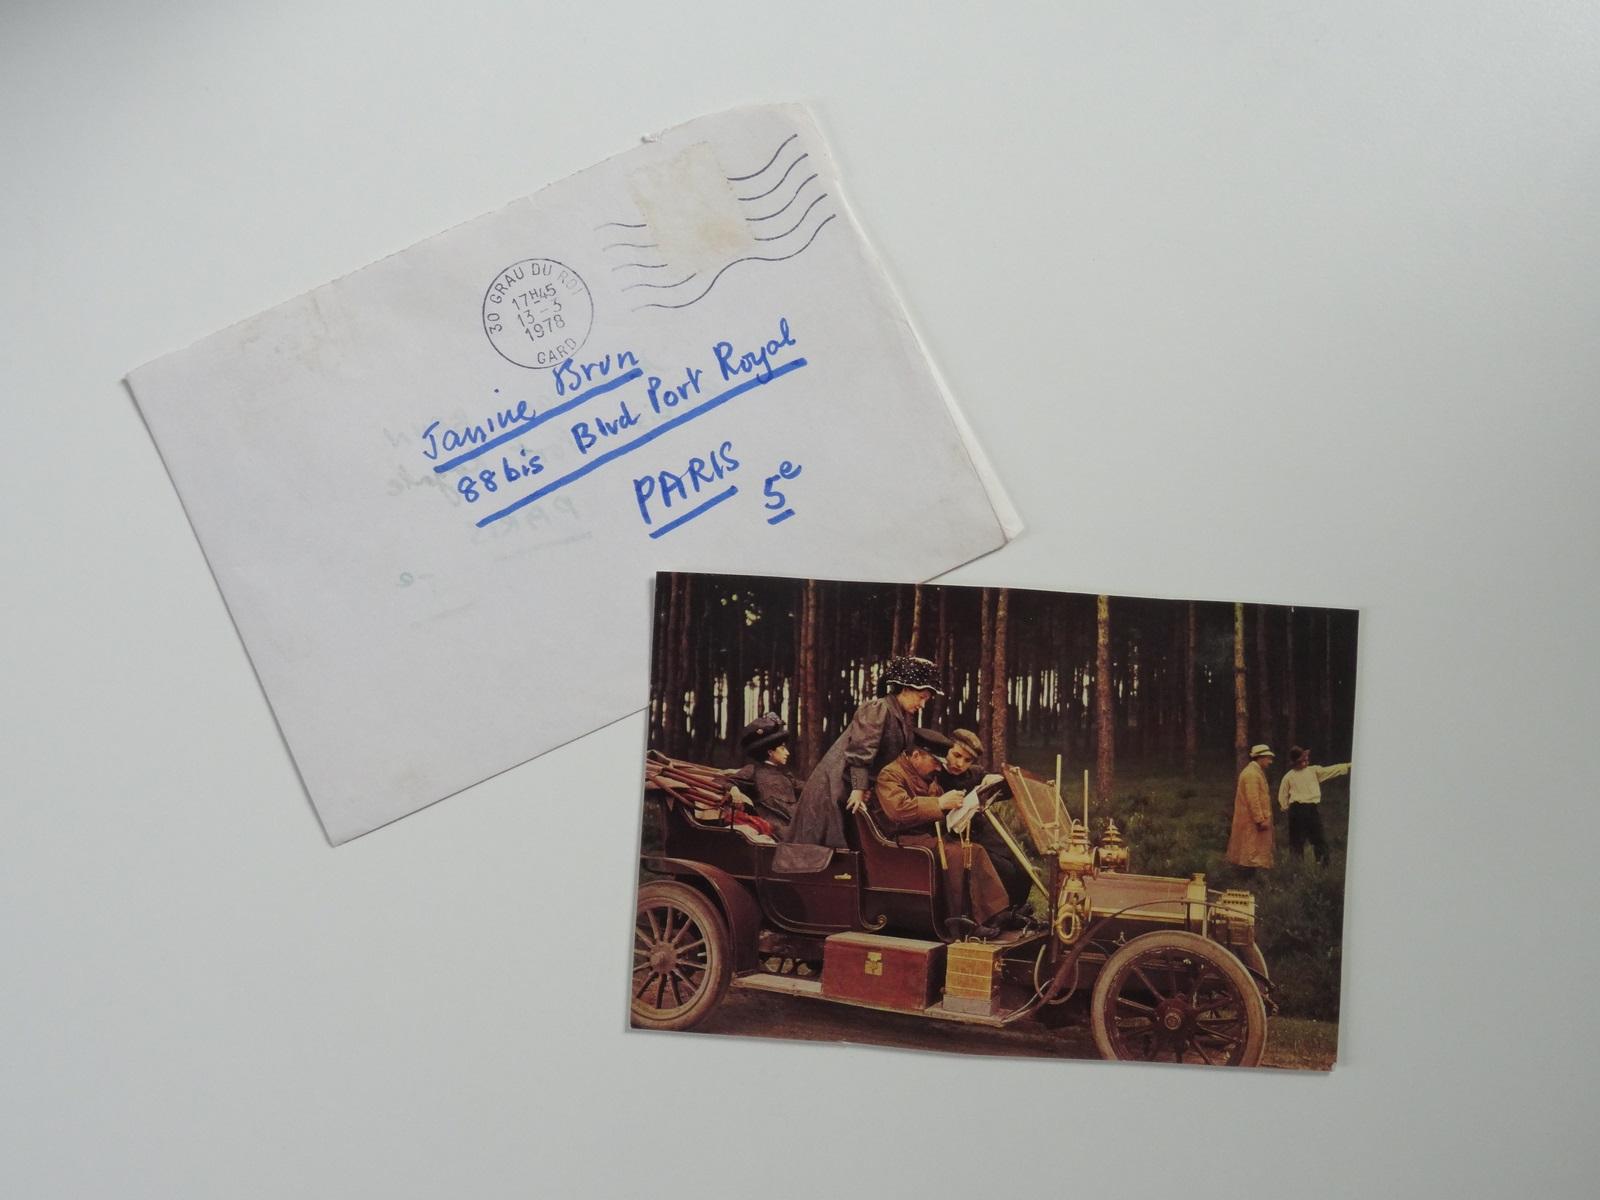 """Carte postale autographe en anglais signée adressée à Jani Brun : """"Spring is here now and it ..."""